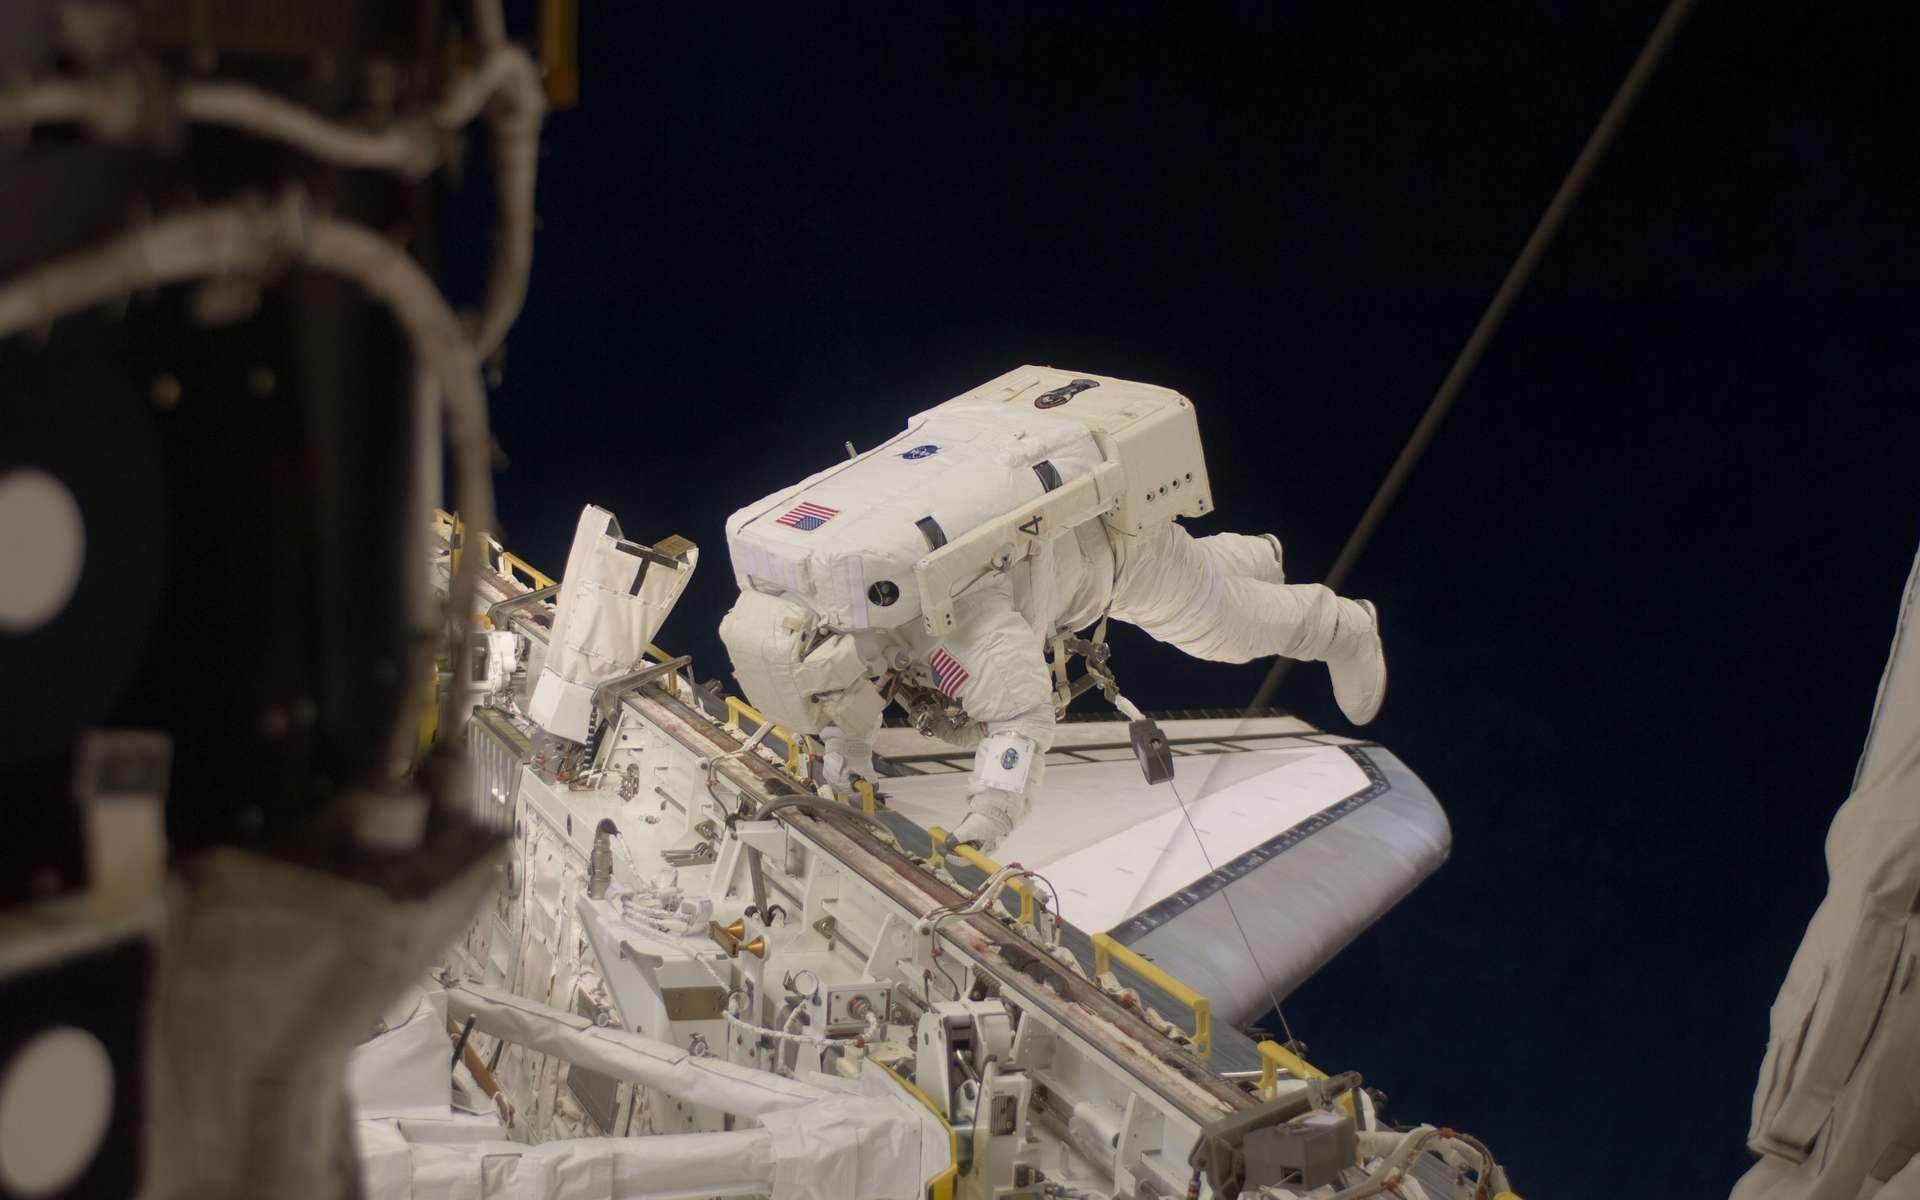 Tim Kopra lors de la première sortie dans l'espace de la mission STS-127, dimanche 19 juillet 2009, pour la fin de l'installation du module japonais Kibo. © Nasa